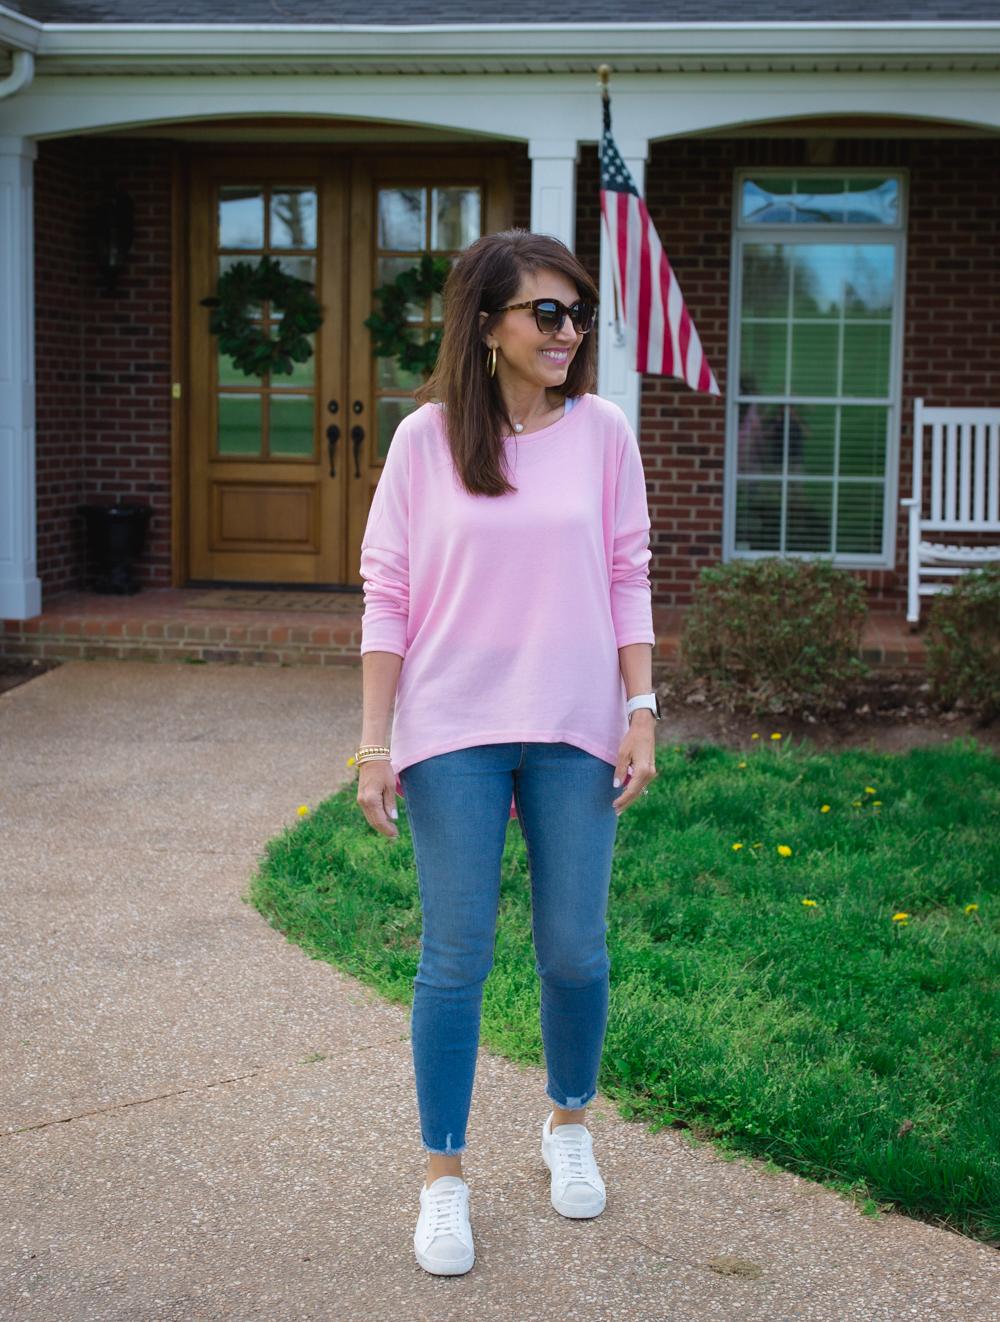 Sophia Jeans From Walmart